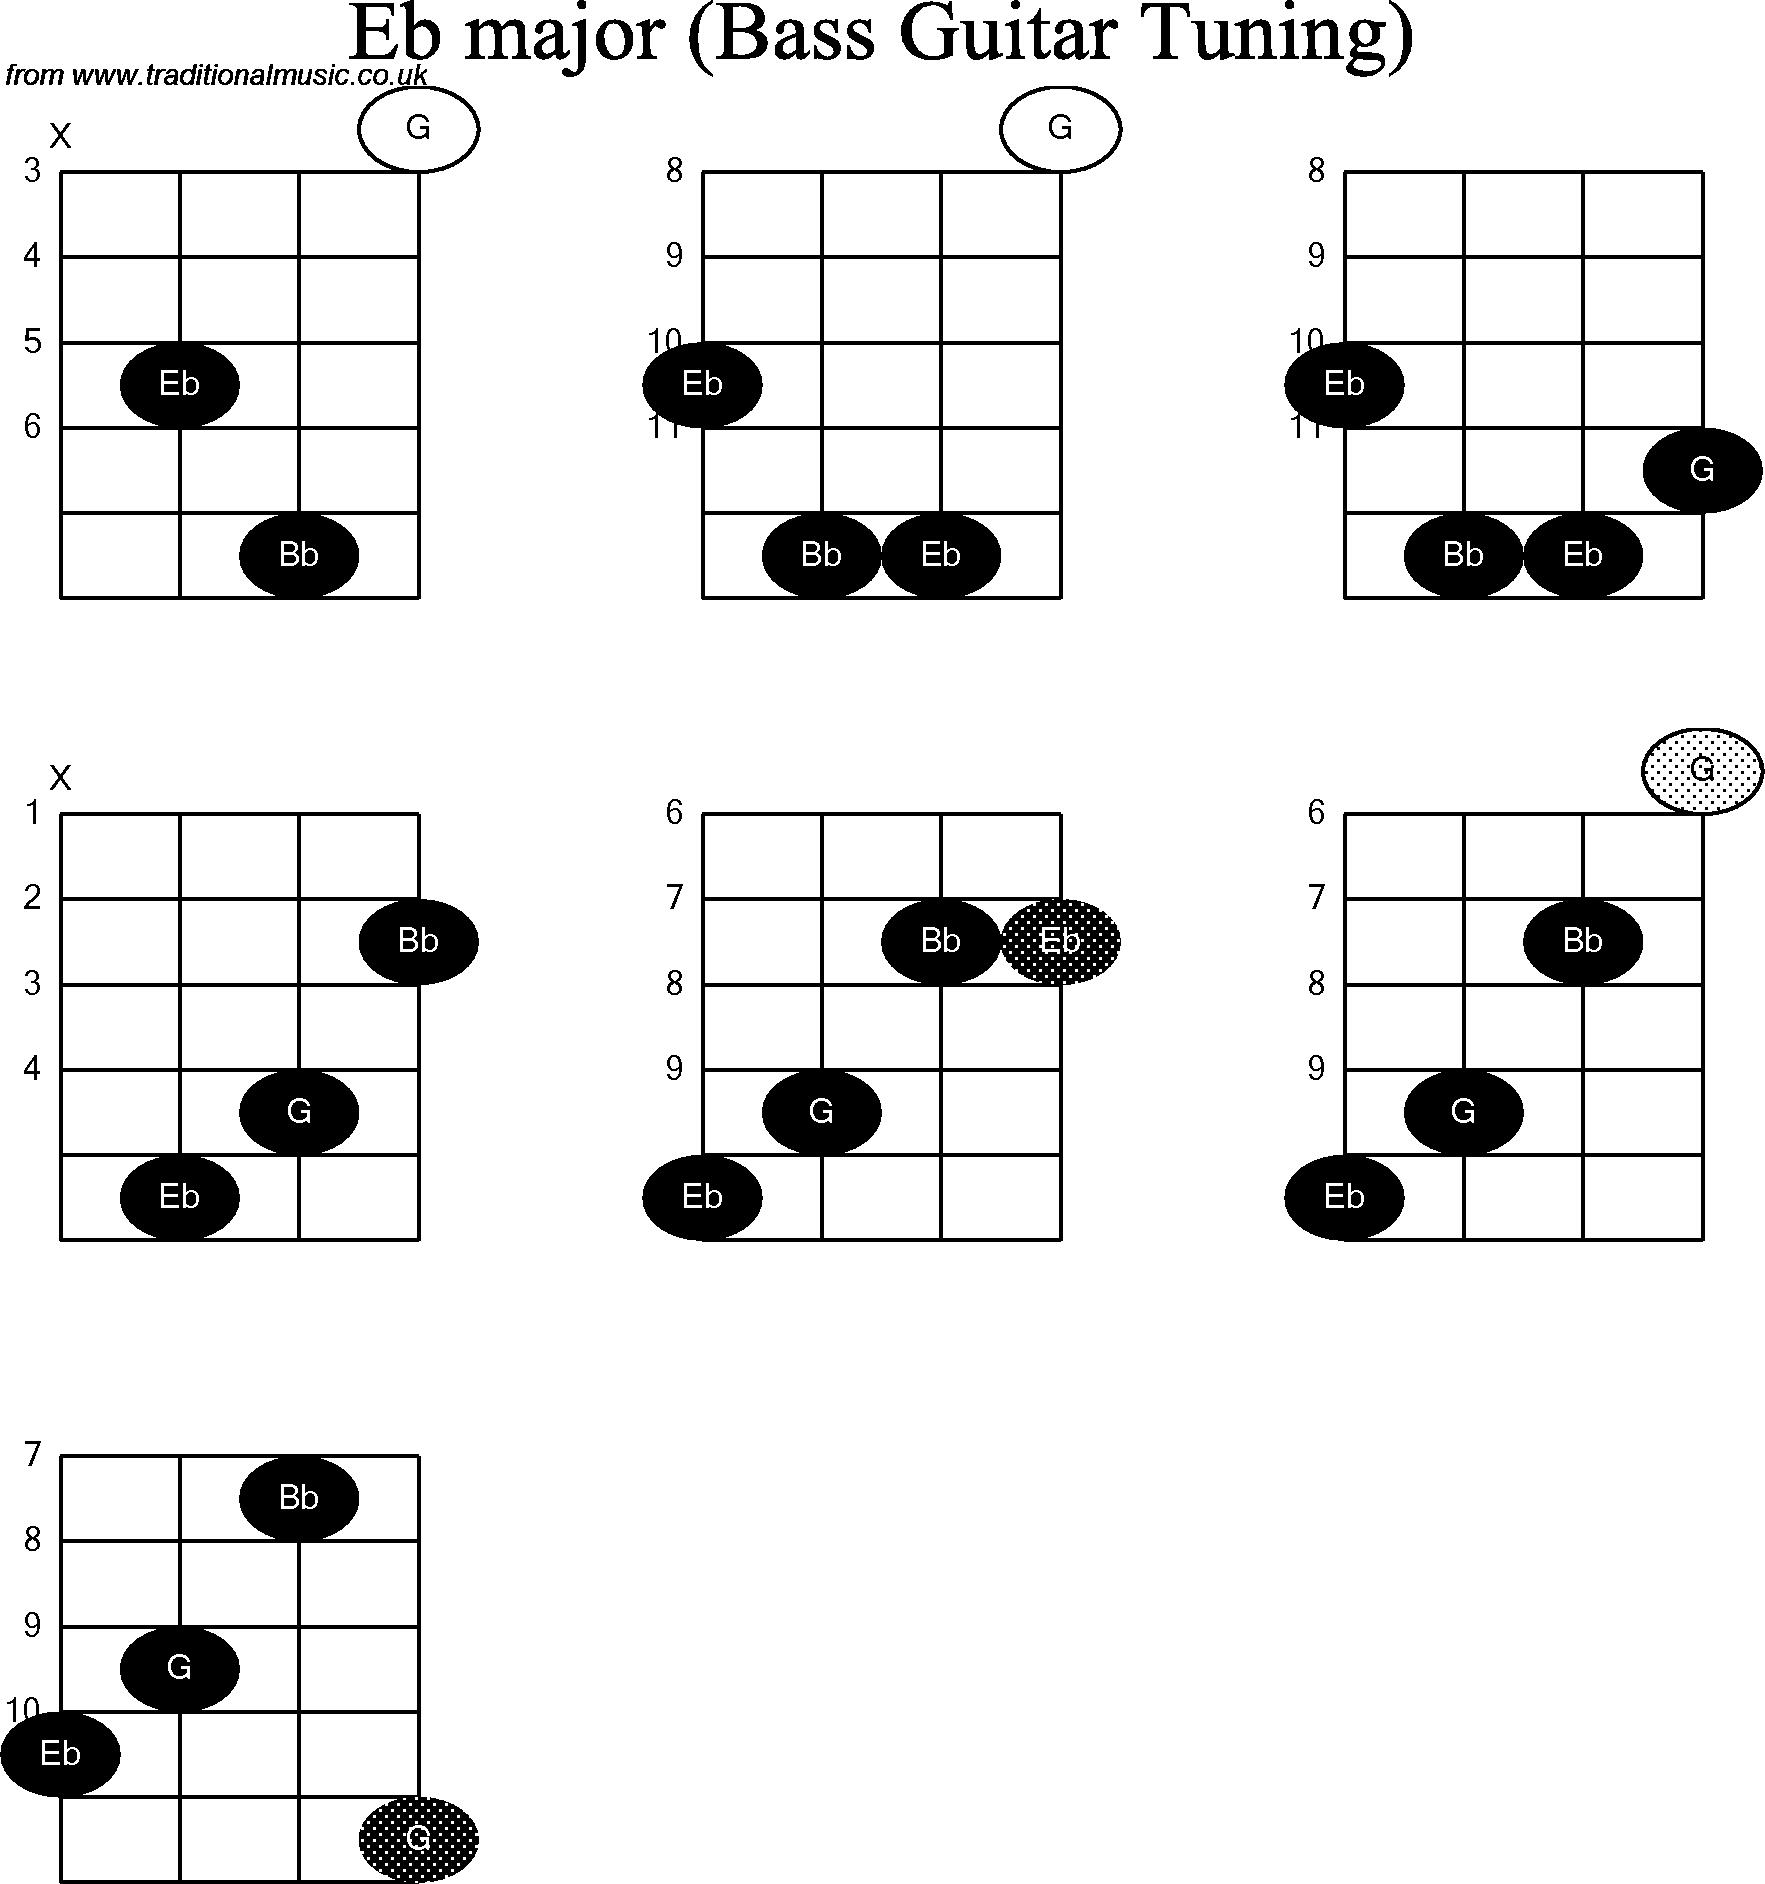 Bass Guitar Chords Bass Guitar Chord Diagrams For Eb